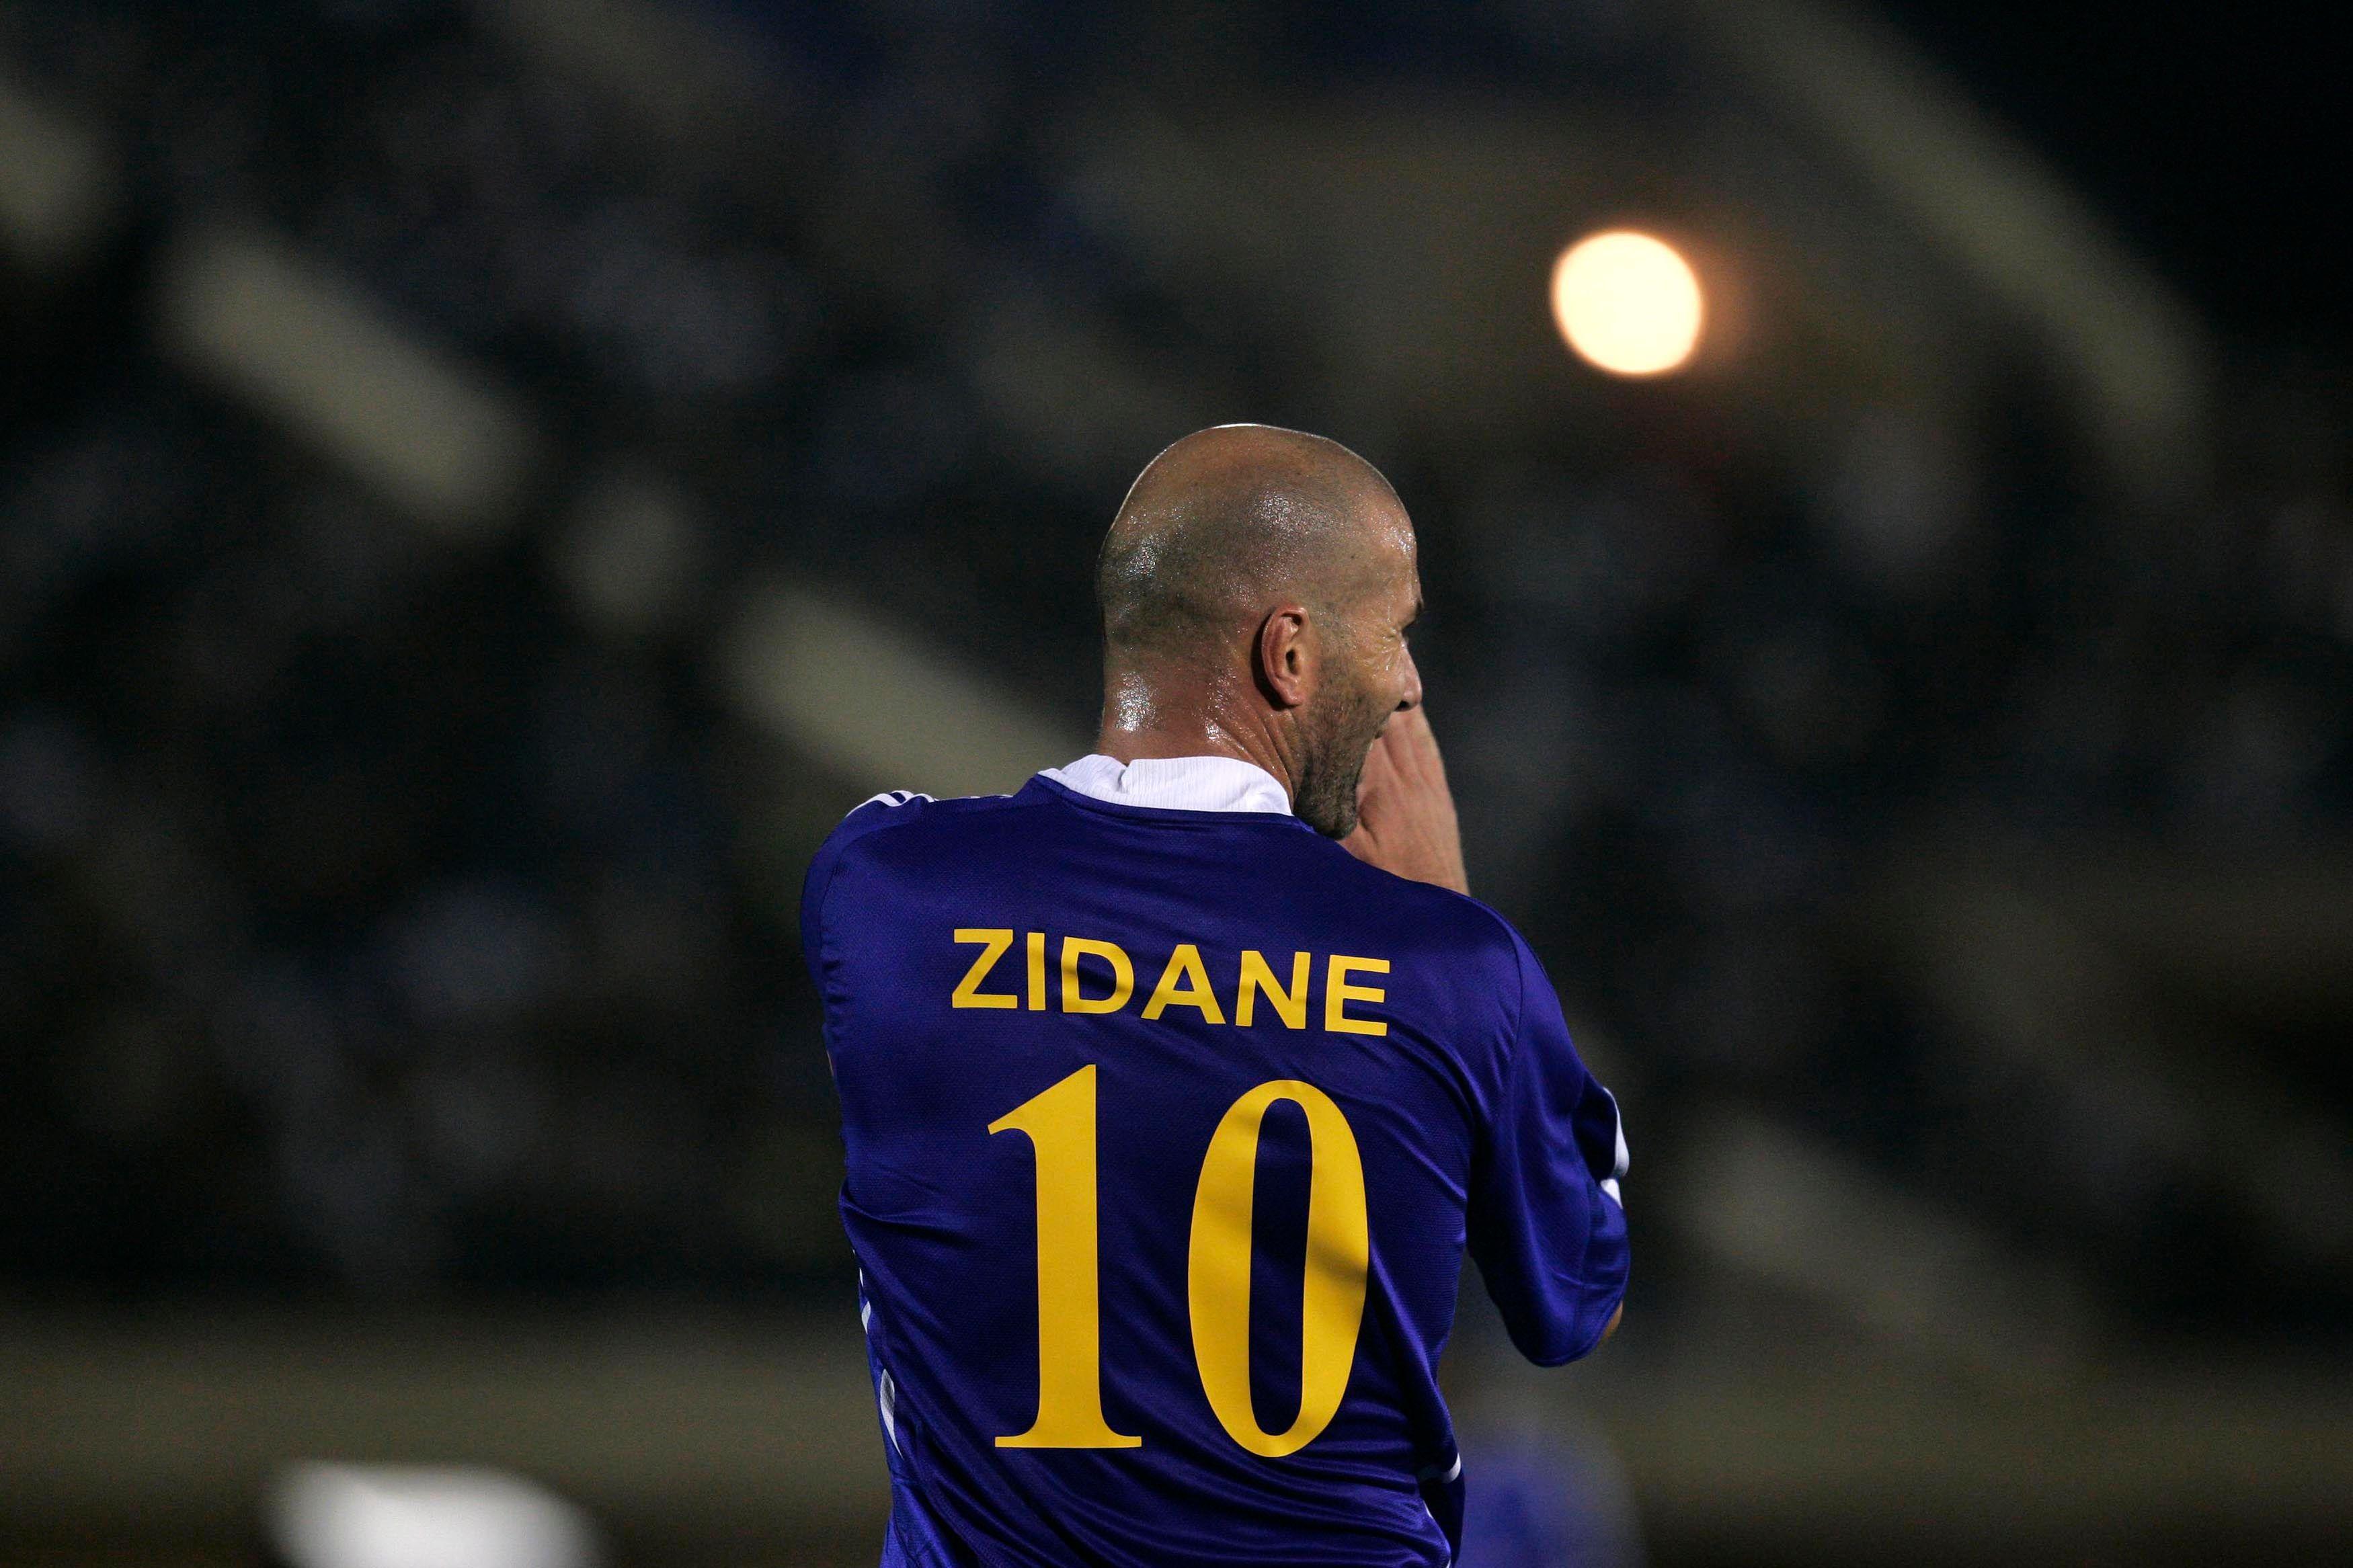 Quand Zidane, l'homme providentiel silencieux, passe de remède à symptôme